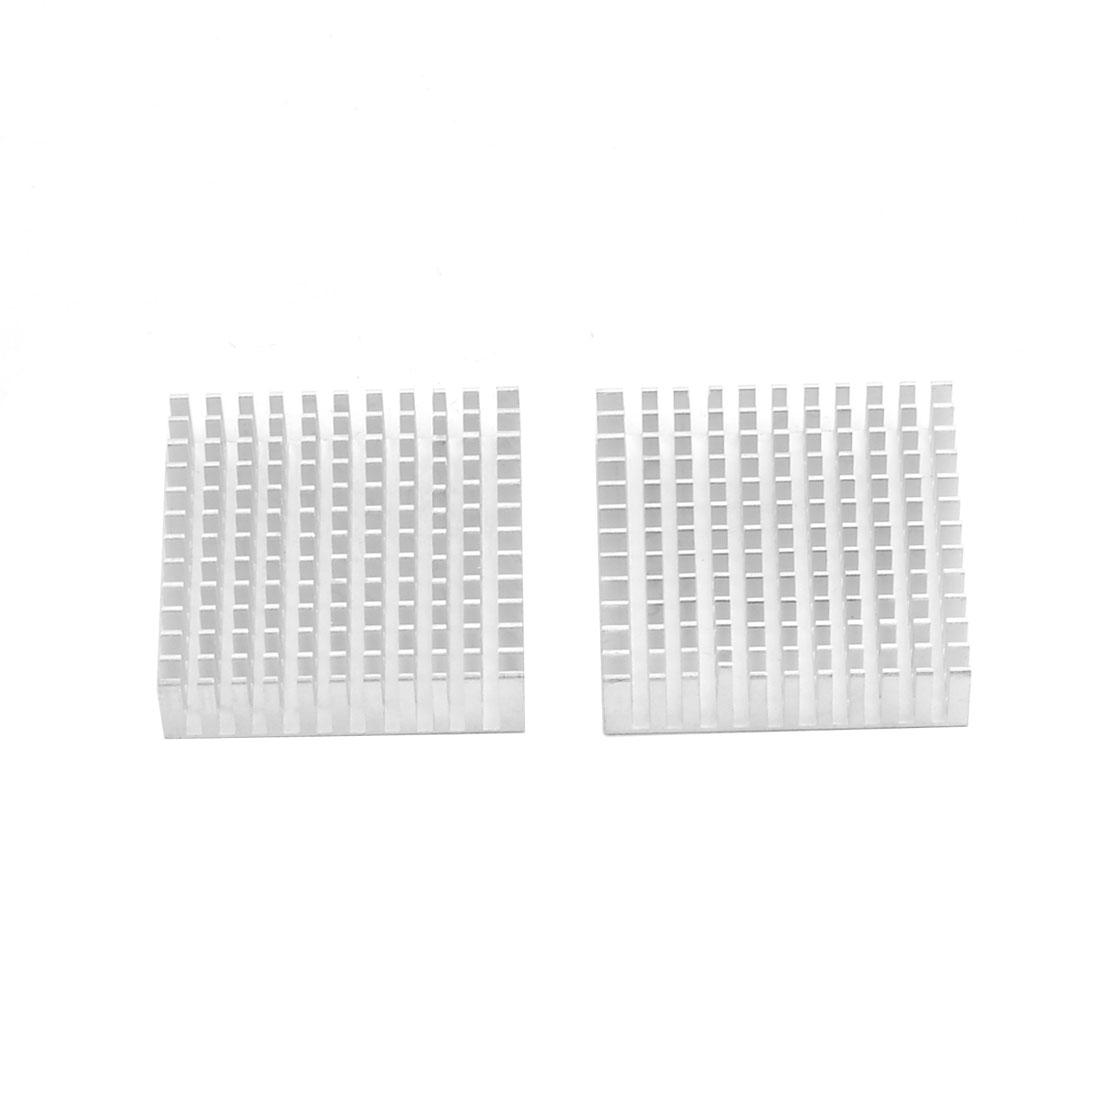 Aluminium Heat Diffuse Cooling Fin Cooler Silver Tone 40mm x 40mm x 11mm 2 Pcs